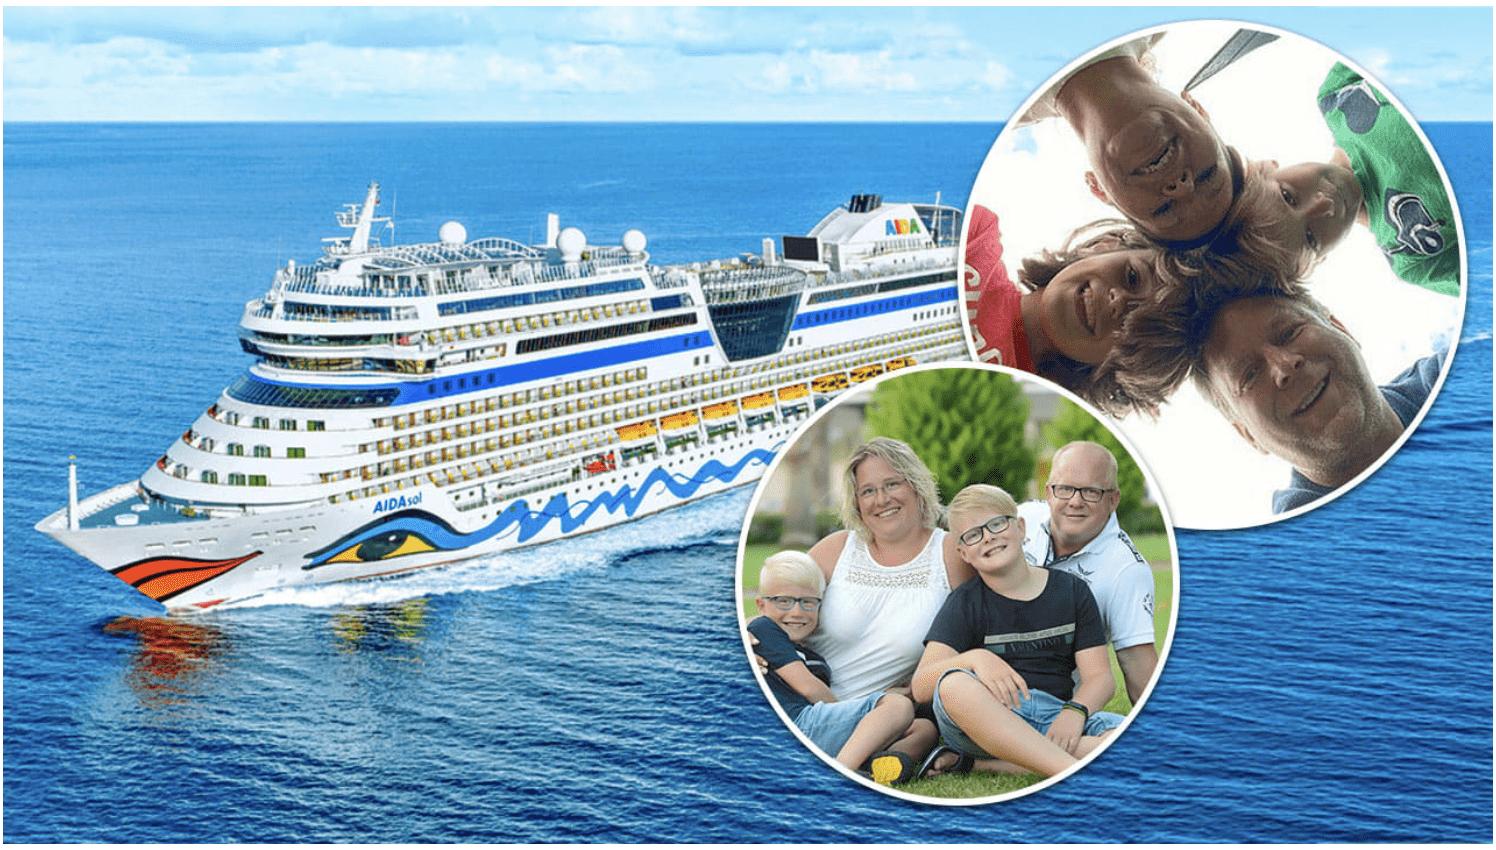 Gewinnspiel-Cases Tourismus Freizeit BILD AIDA